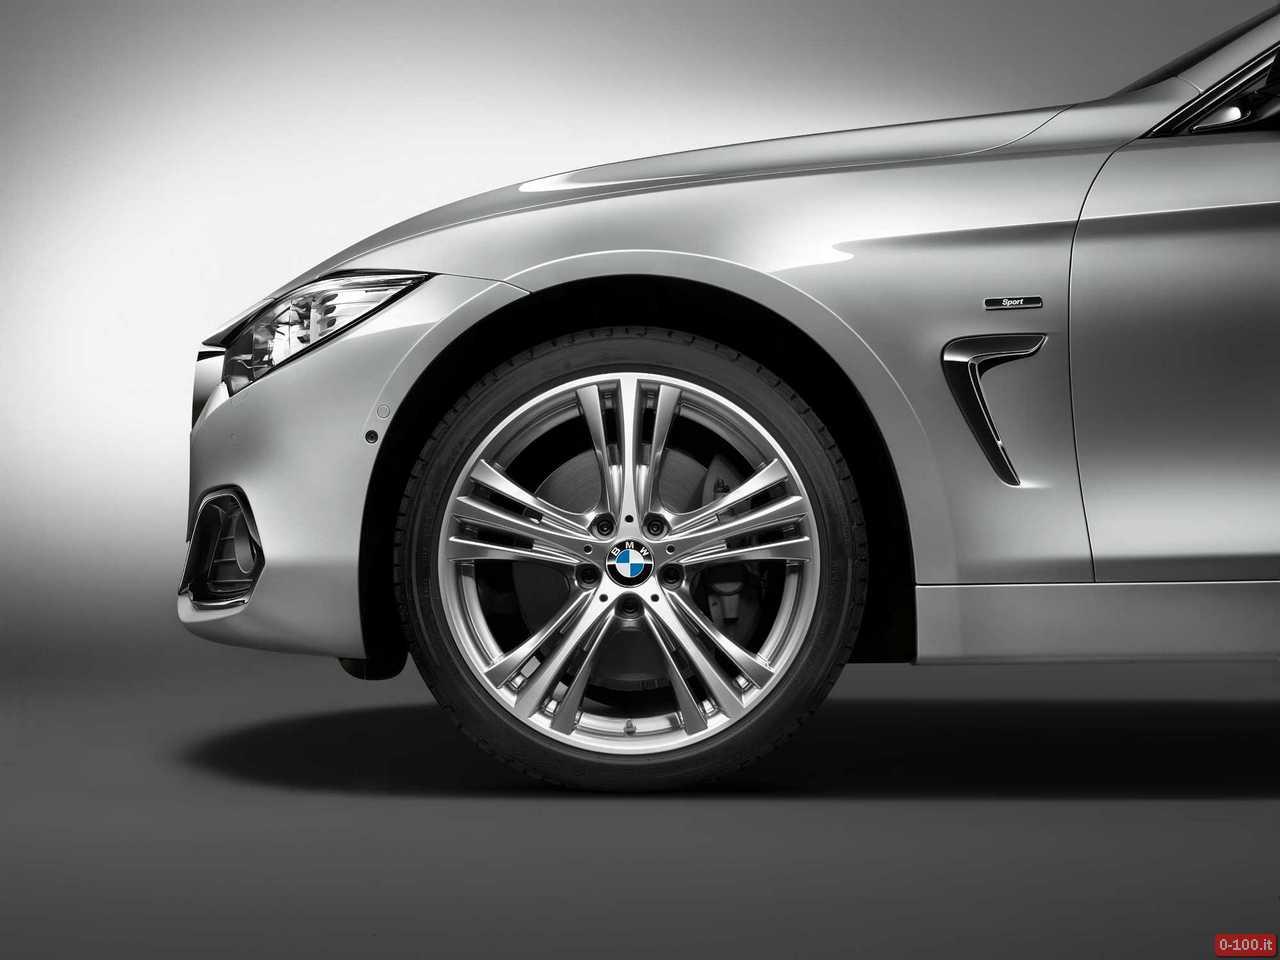 bmw-serie-4-gran-coupe-prezzo-price-ginevra-geneve-2014-0-100_89